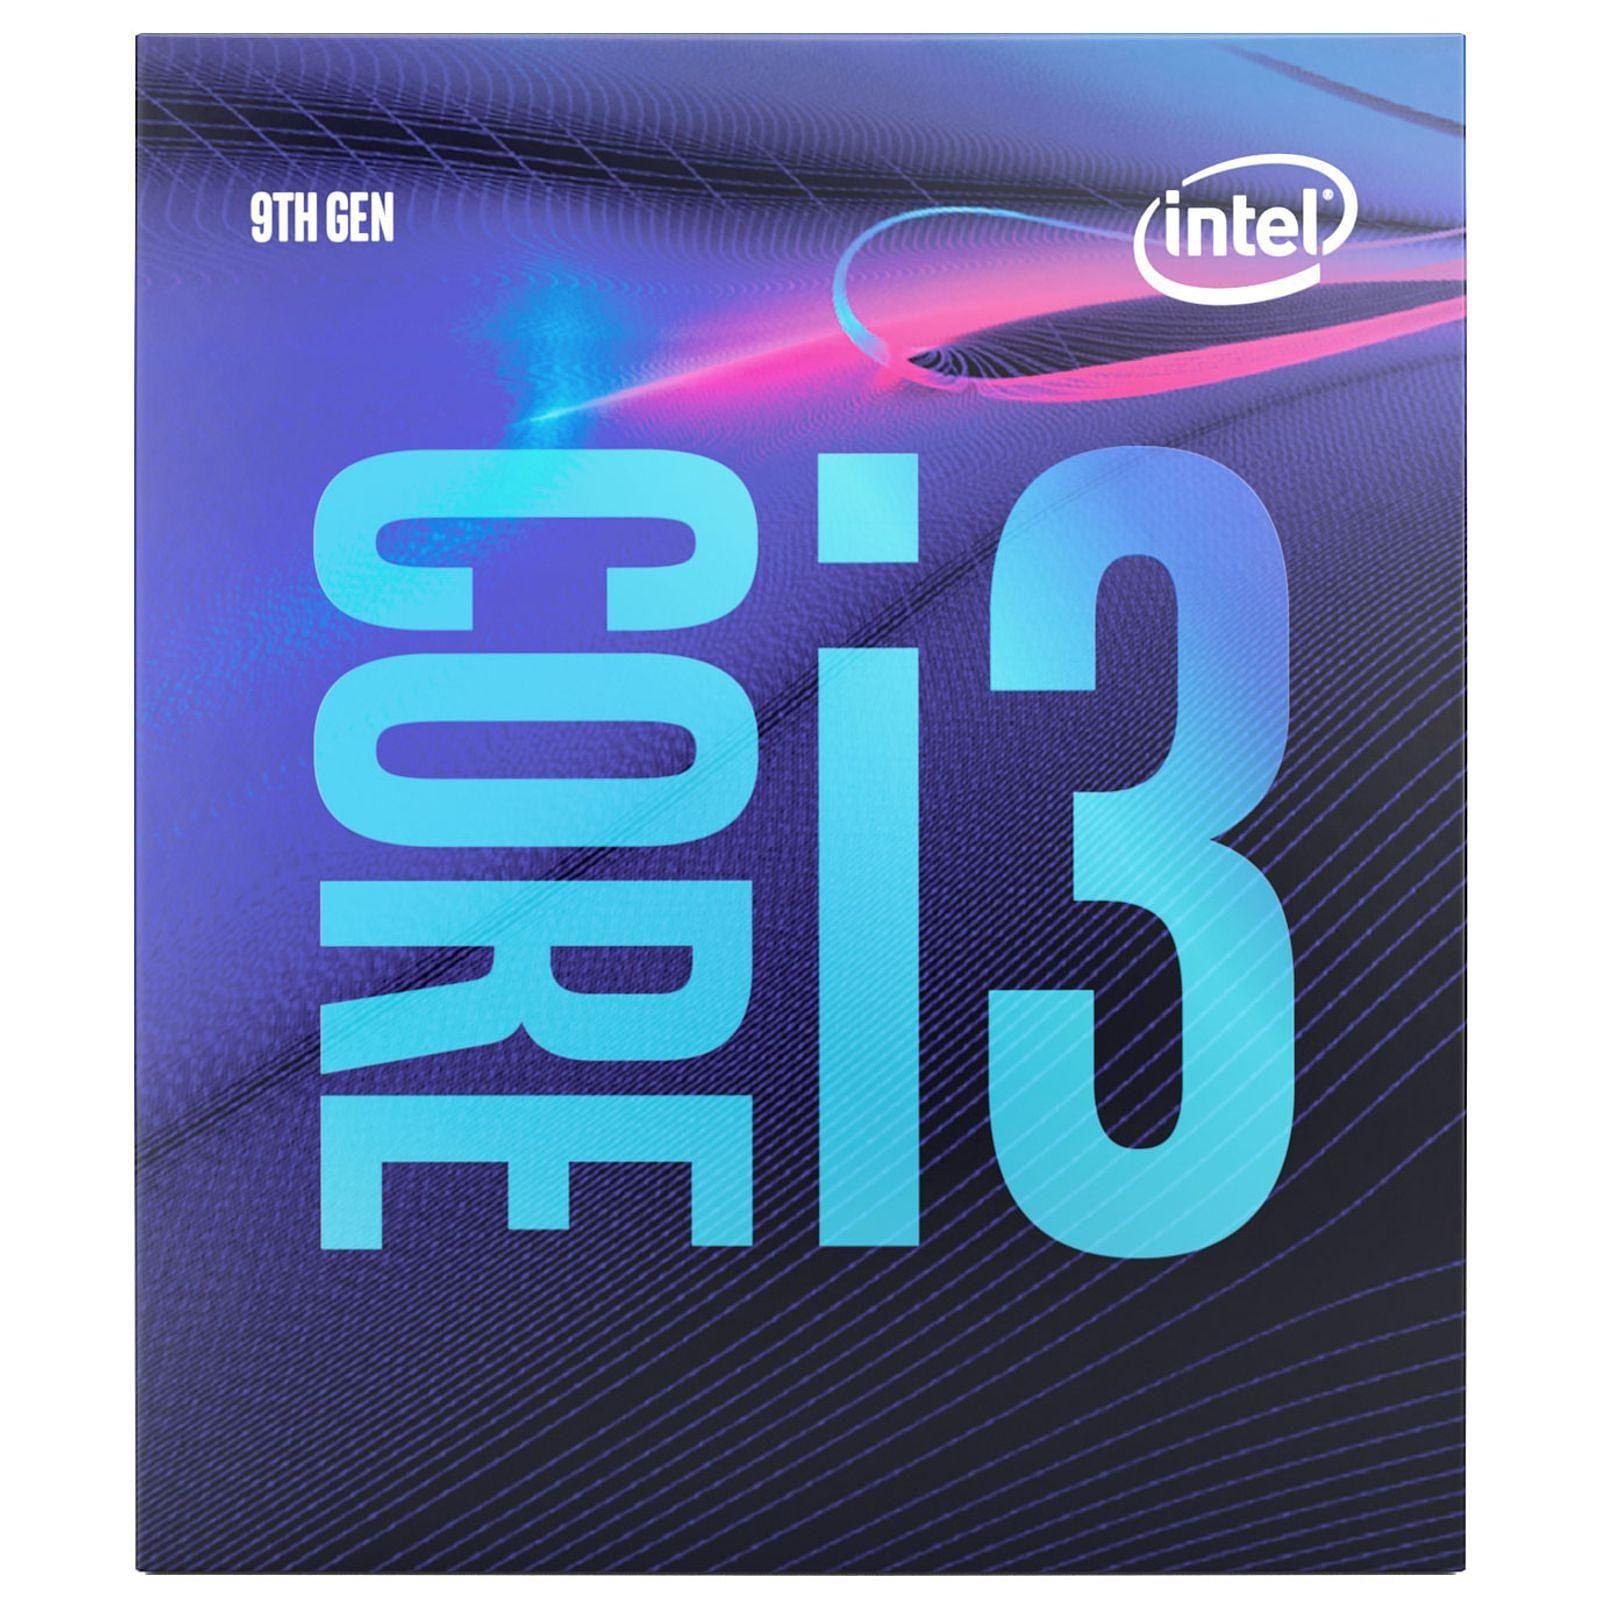 Intel Core i3-9100 - 3.6GHz - Processeur Intel - Cybertek.fr - 2